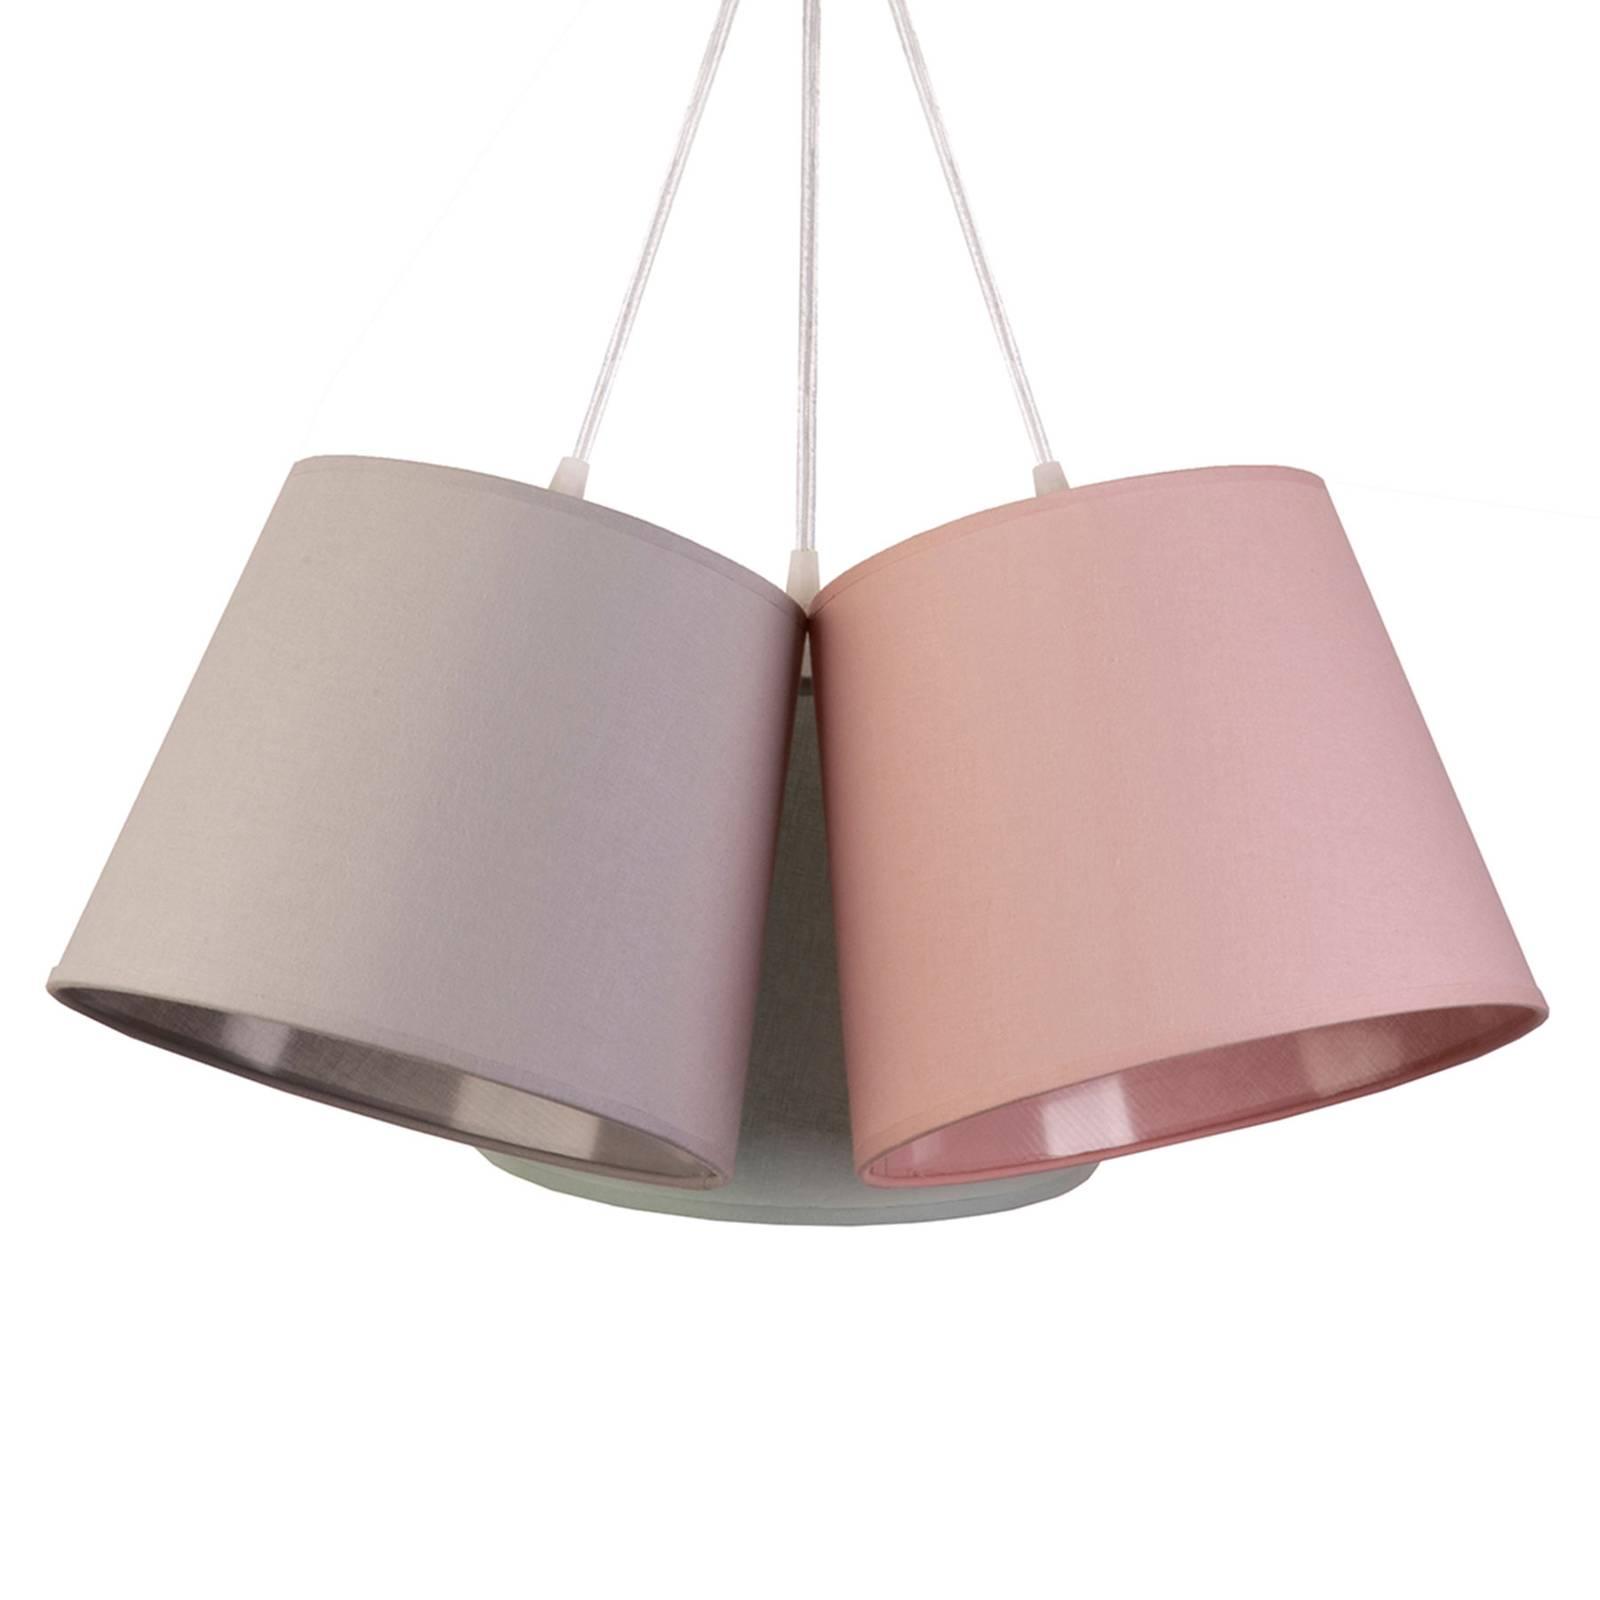 Riippuvalaisin Rossa, 3-lamppuinen, harmaa/roosa